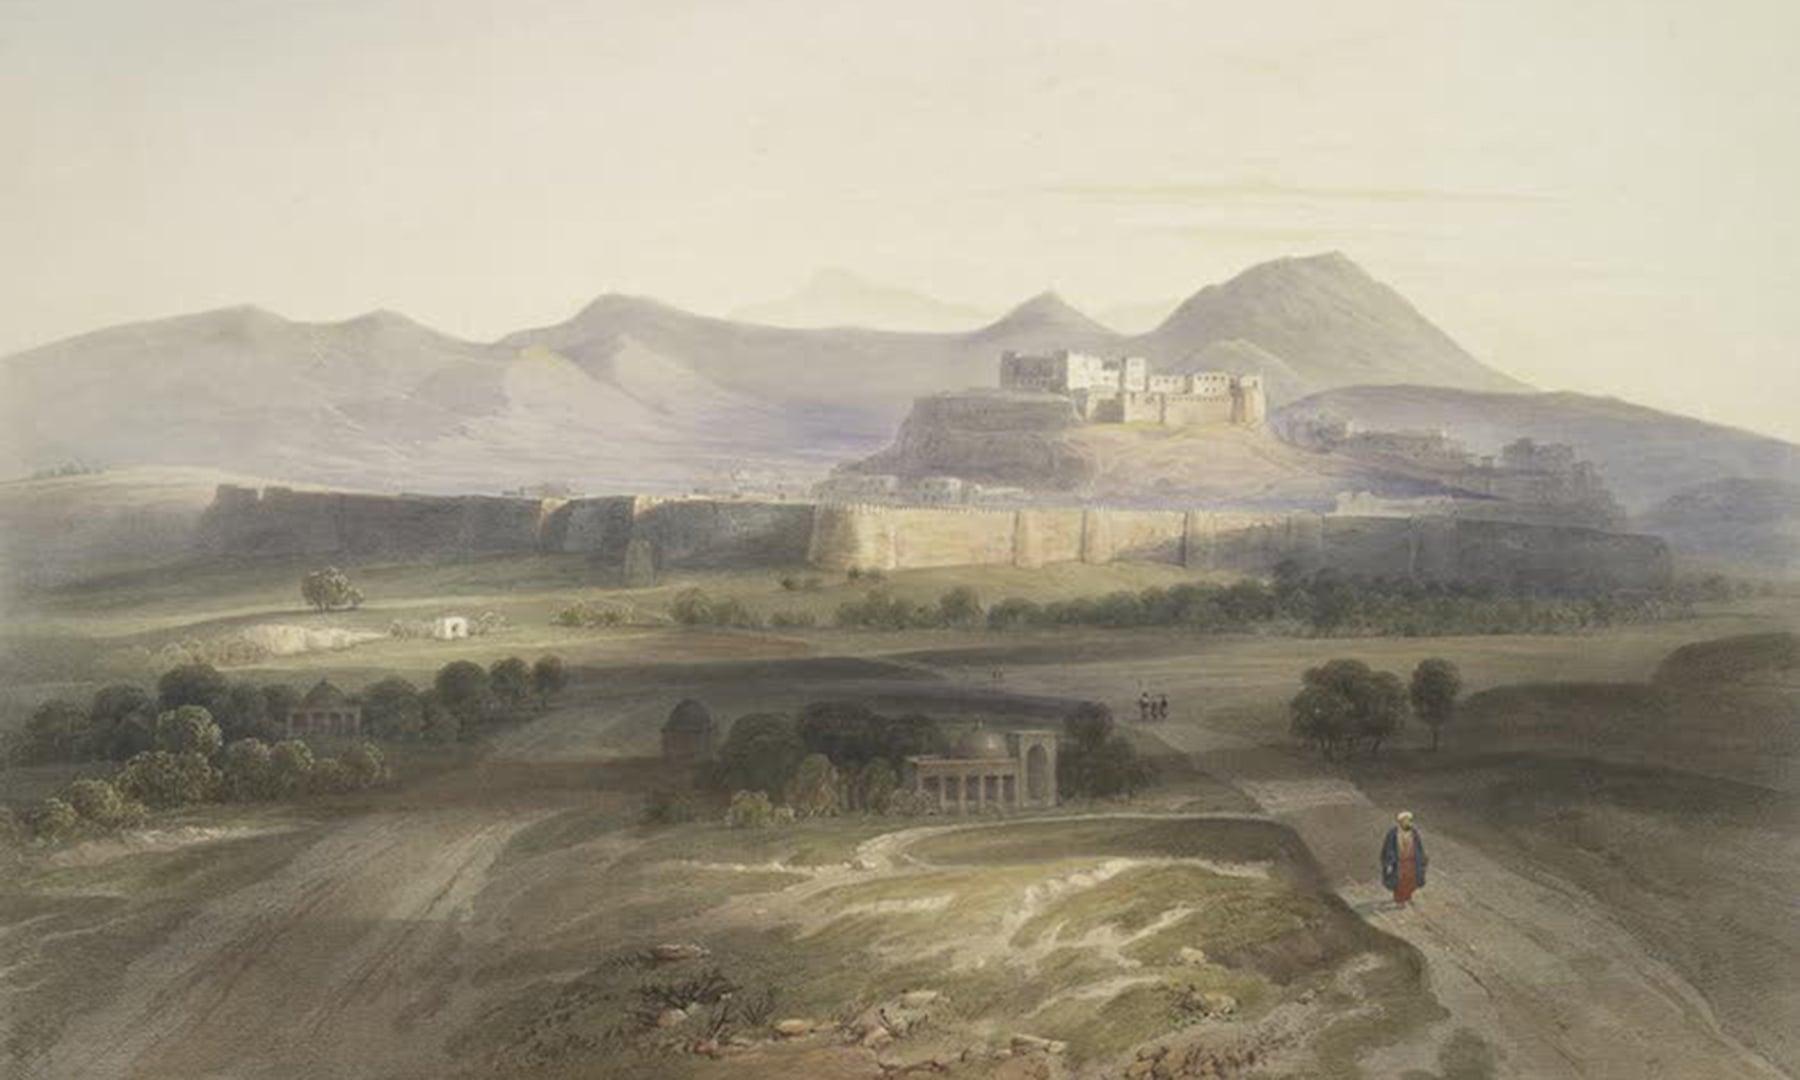 شہر و قلعہ غزنی